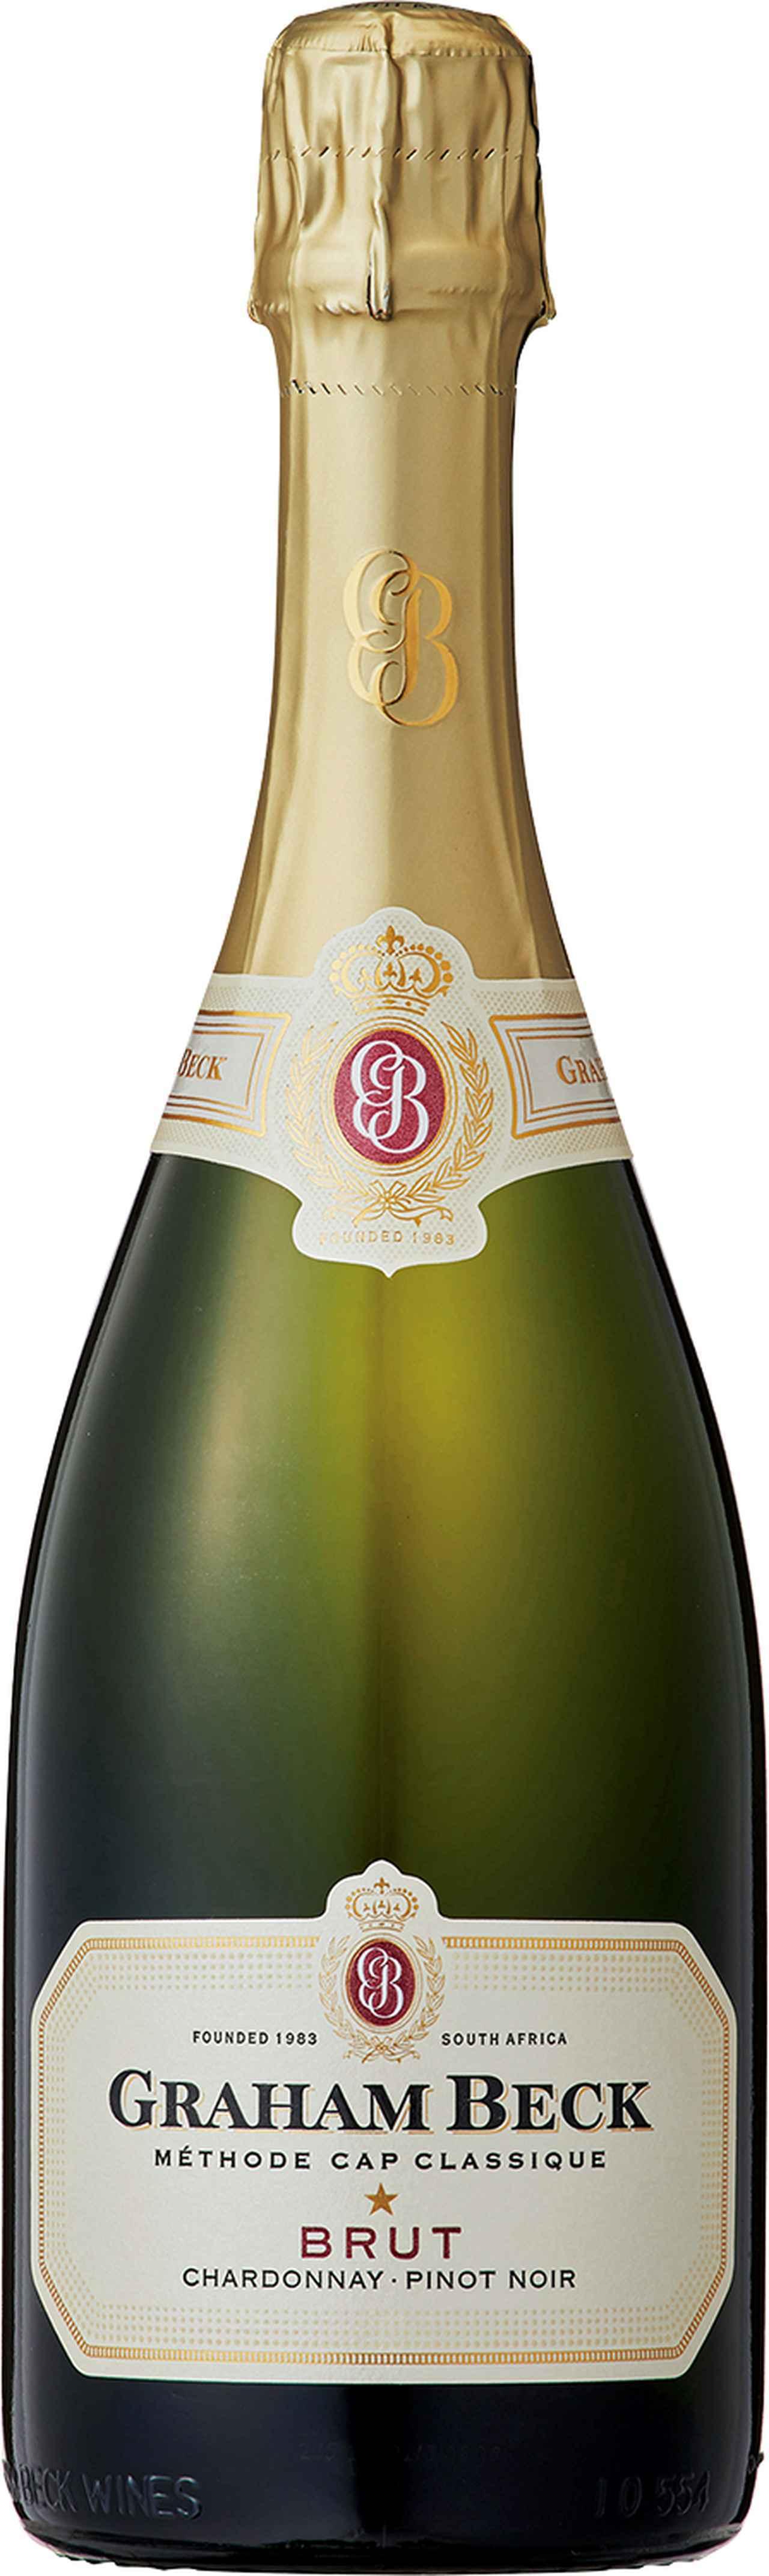 画像1: 南アフリカのスパークリングワイン「キャップ・クラシック」と 「グラハム・ベック・ワインズ」の美味しさの秘密